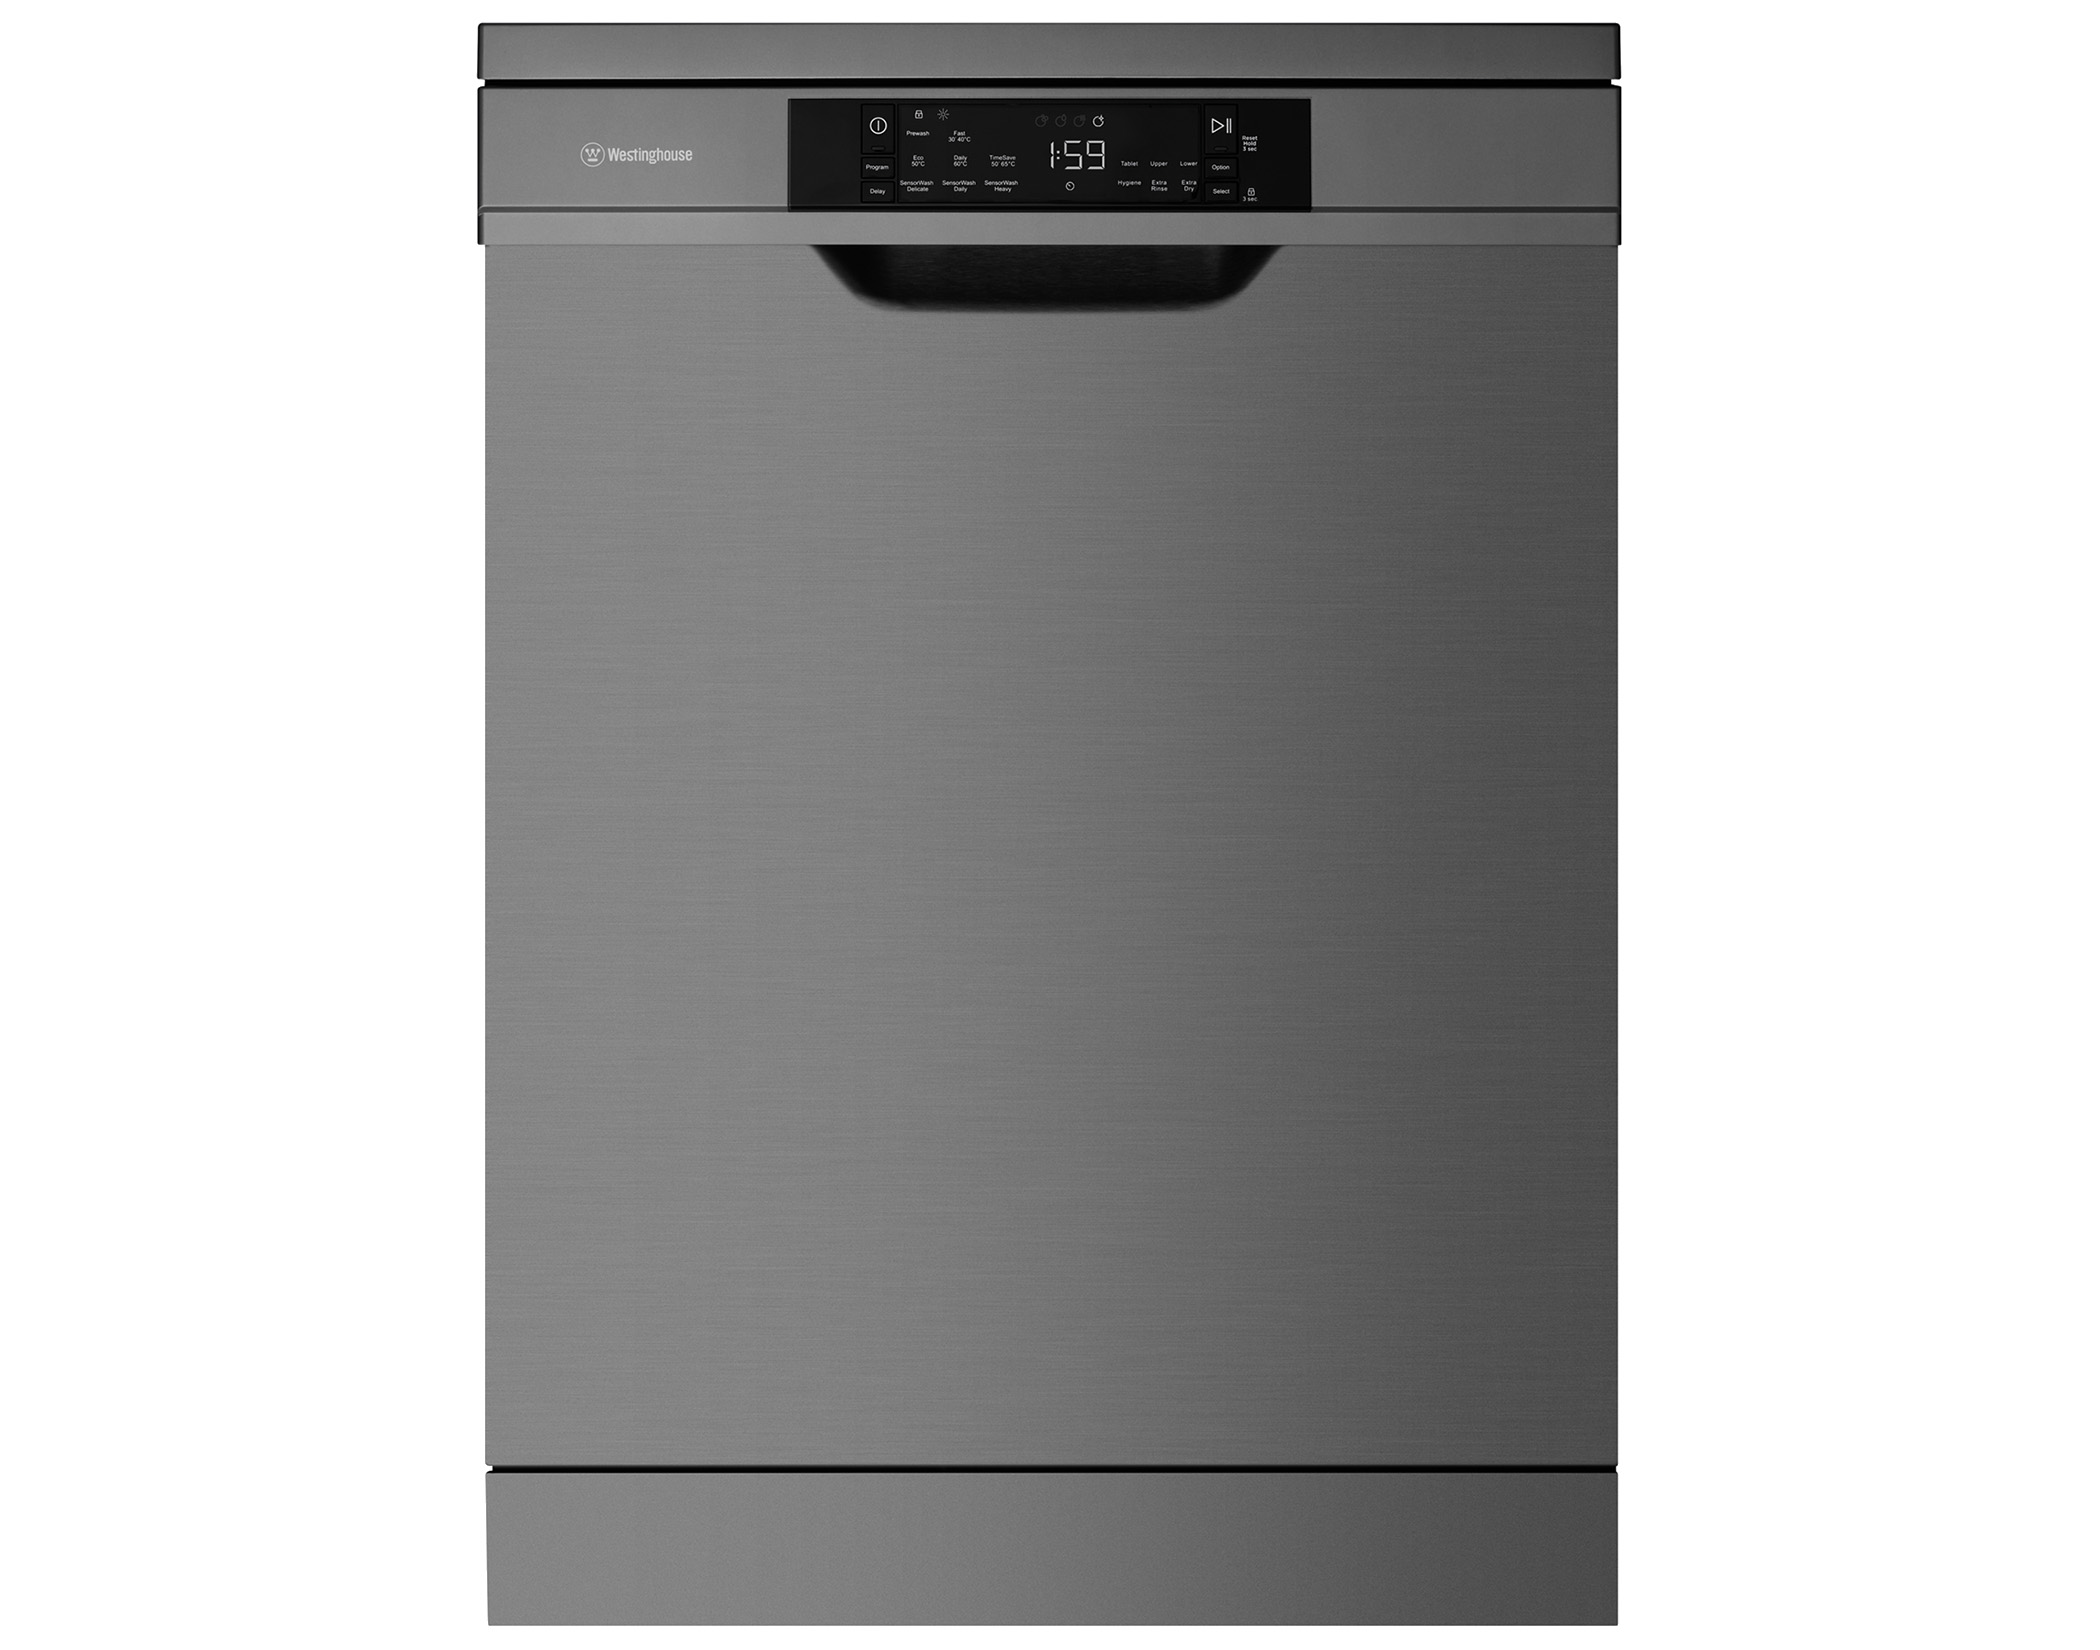 Westinghouse WSF6608KXA 60cm 15 Place Setting Black Stainless Dishwasher Main